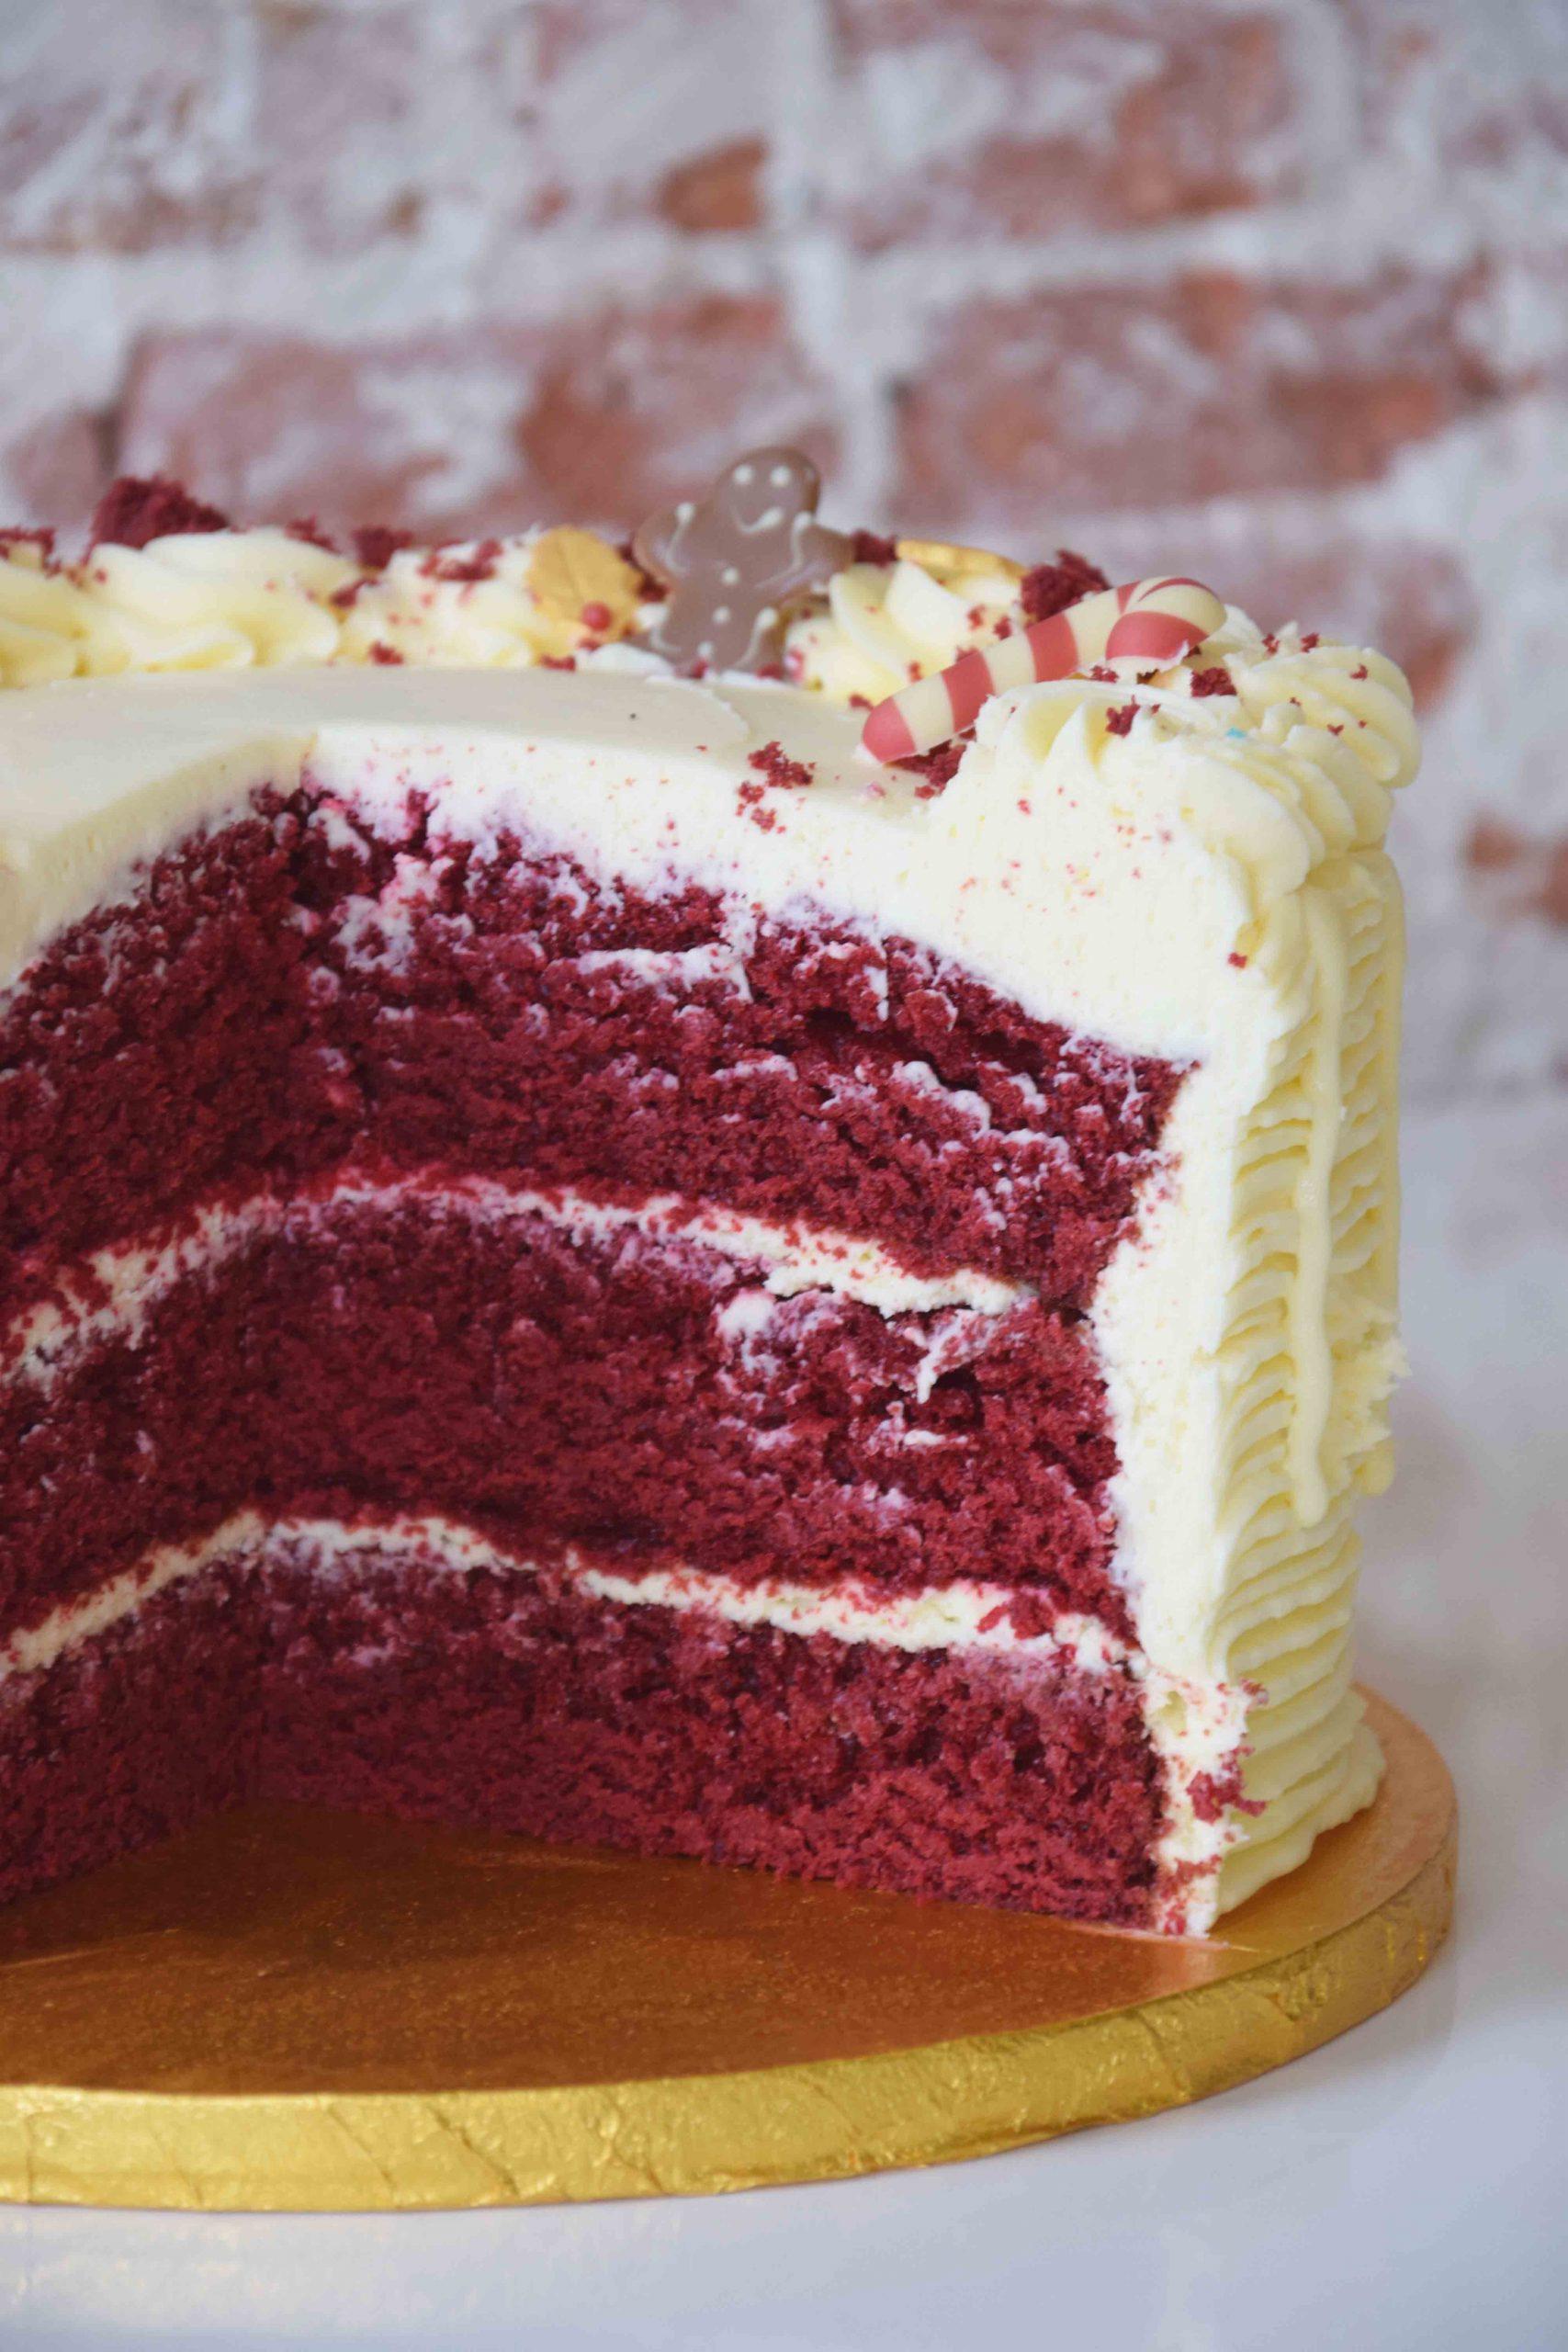 Red Velvet Cake full decoration